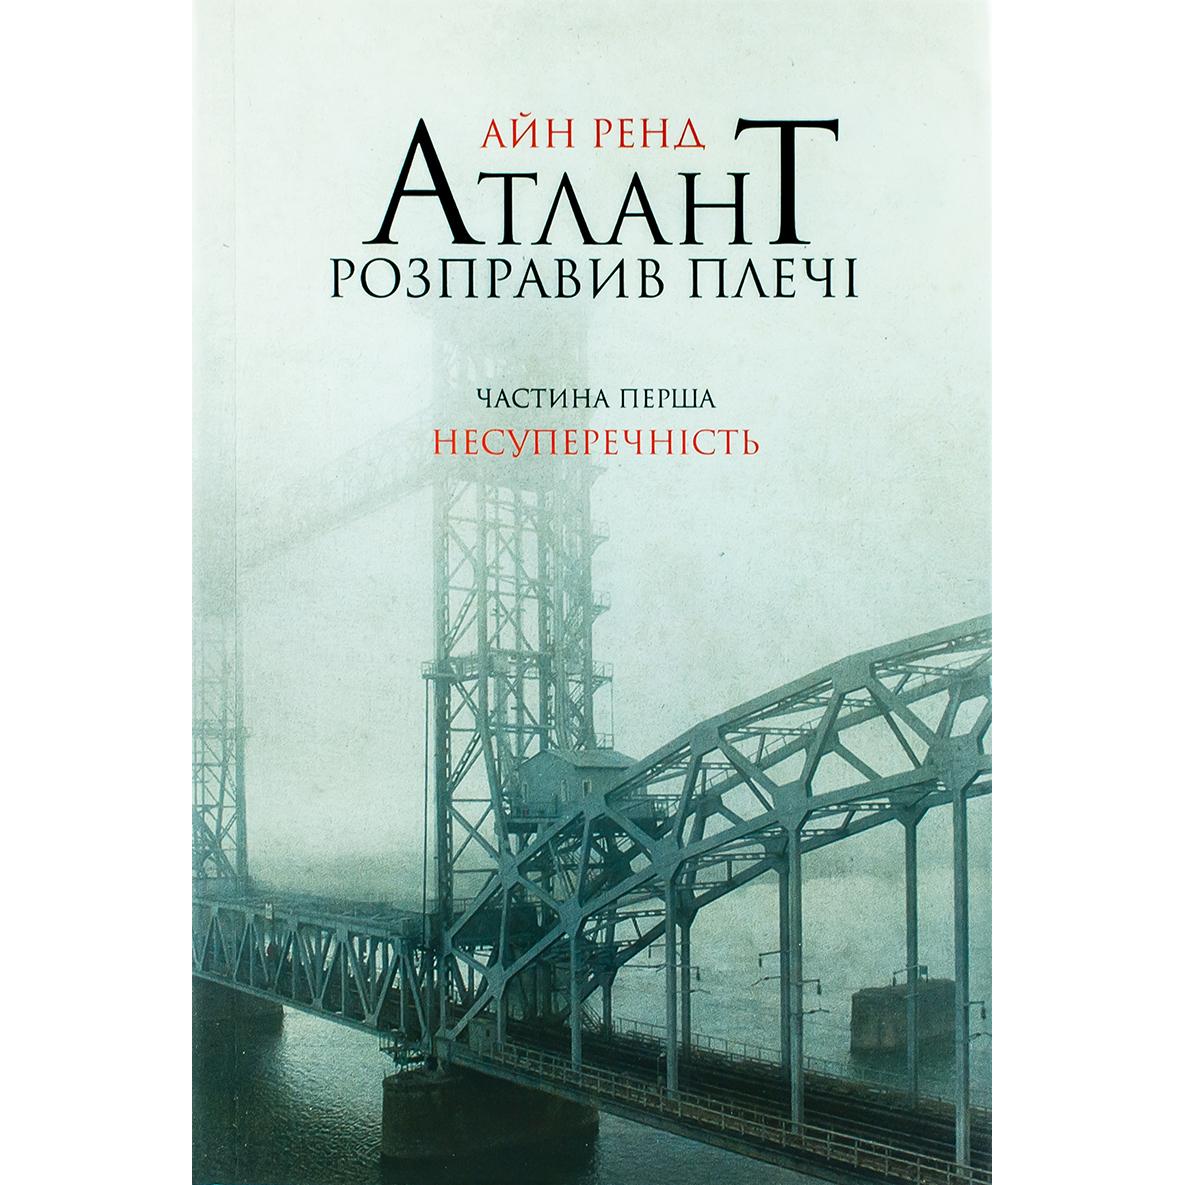 Купити книгу Атлант розправив плечі. Несуперечність. Частина перша, Айн Ренд | Bukio